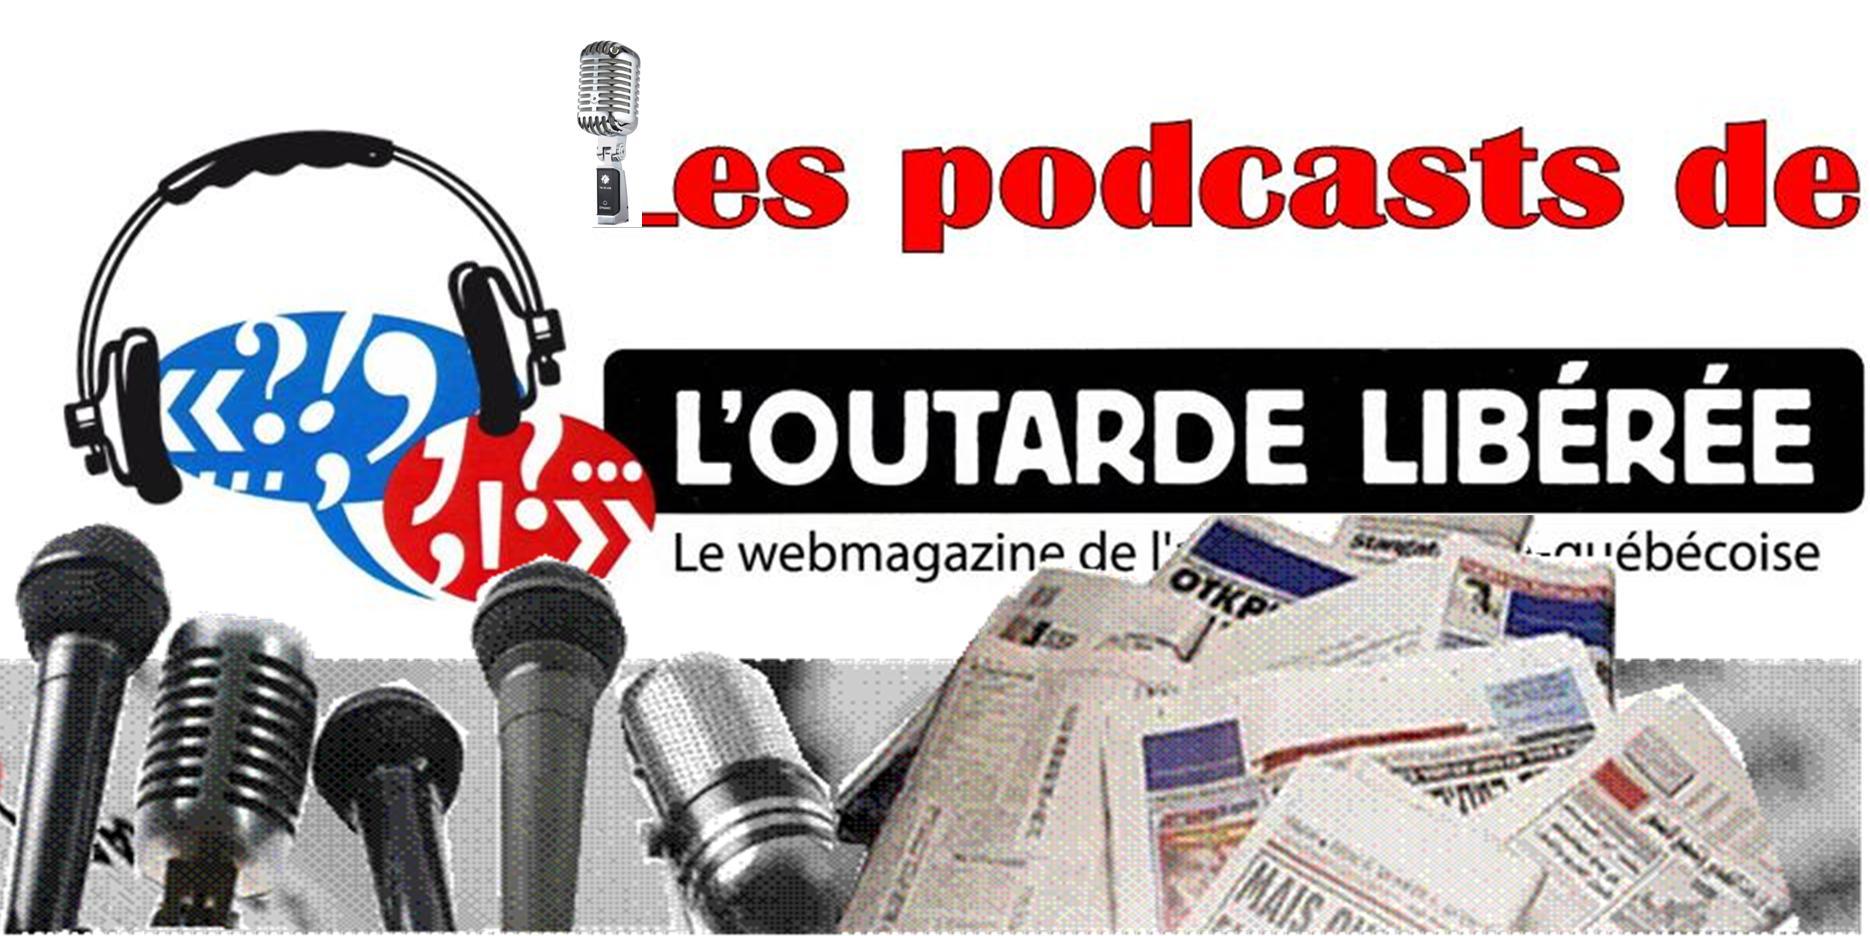 Nouveauté : L'Outarde Libérée lance son podcast mensuel